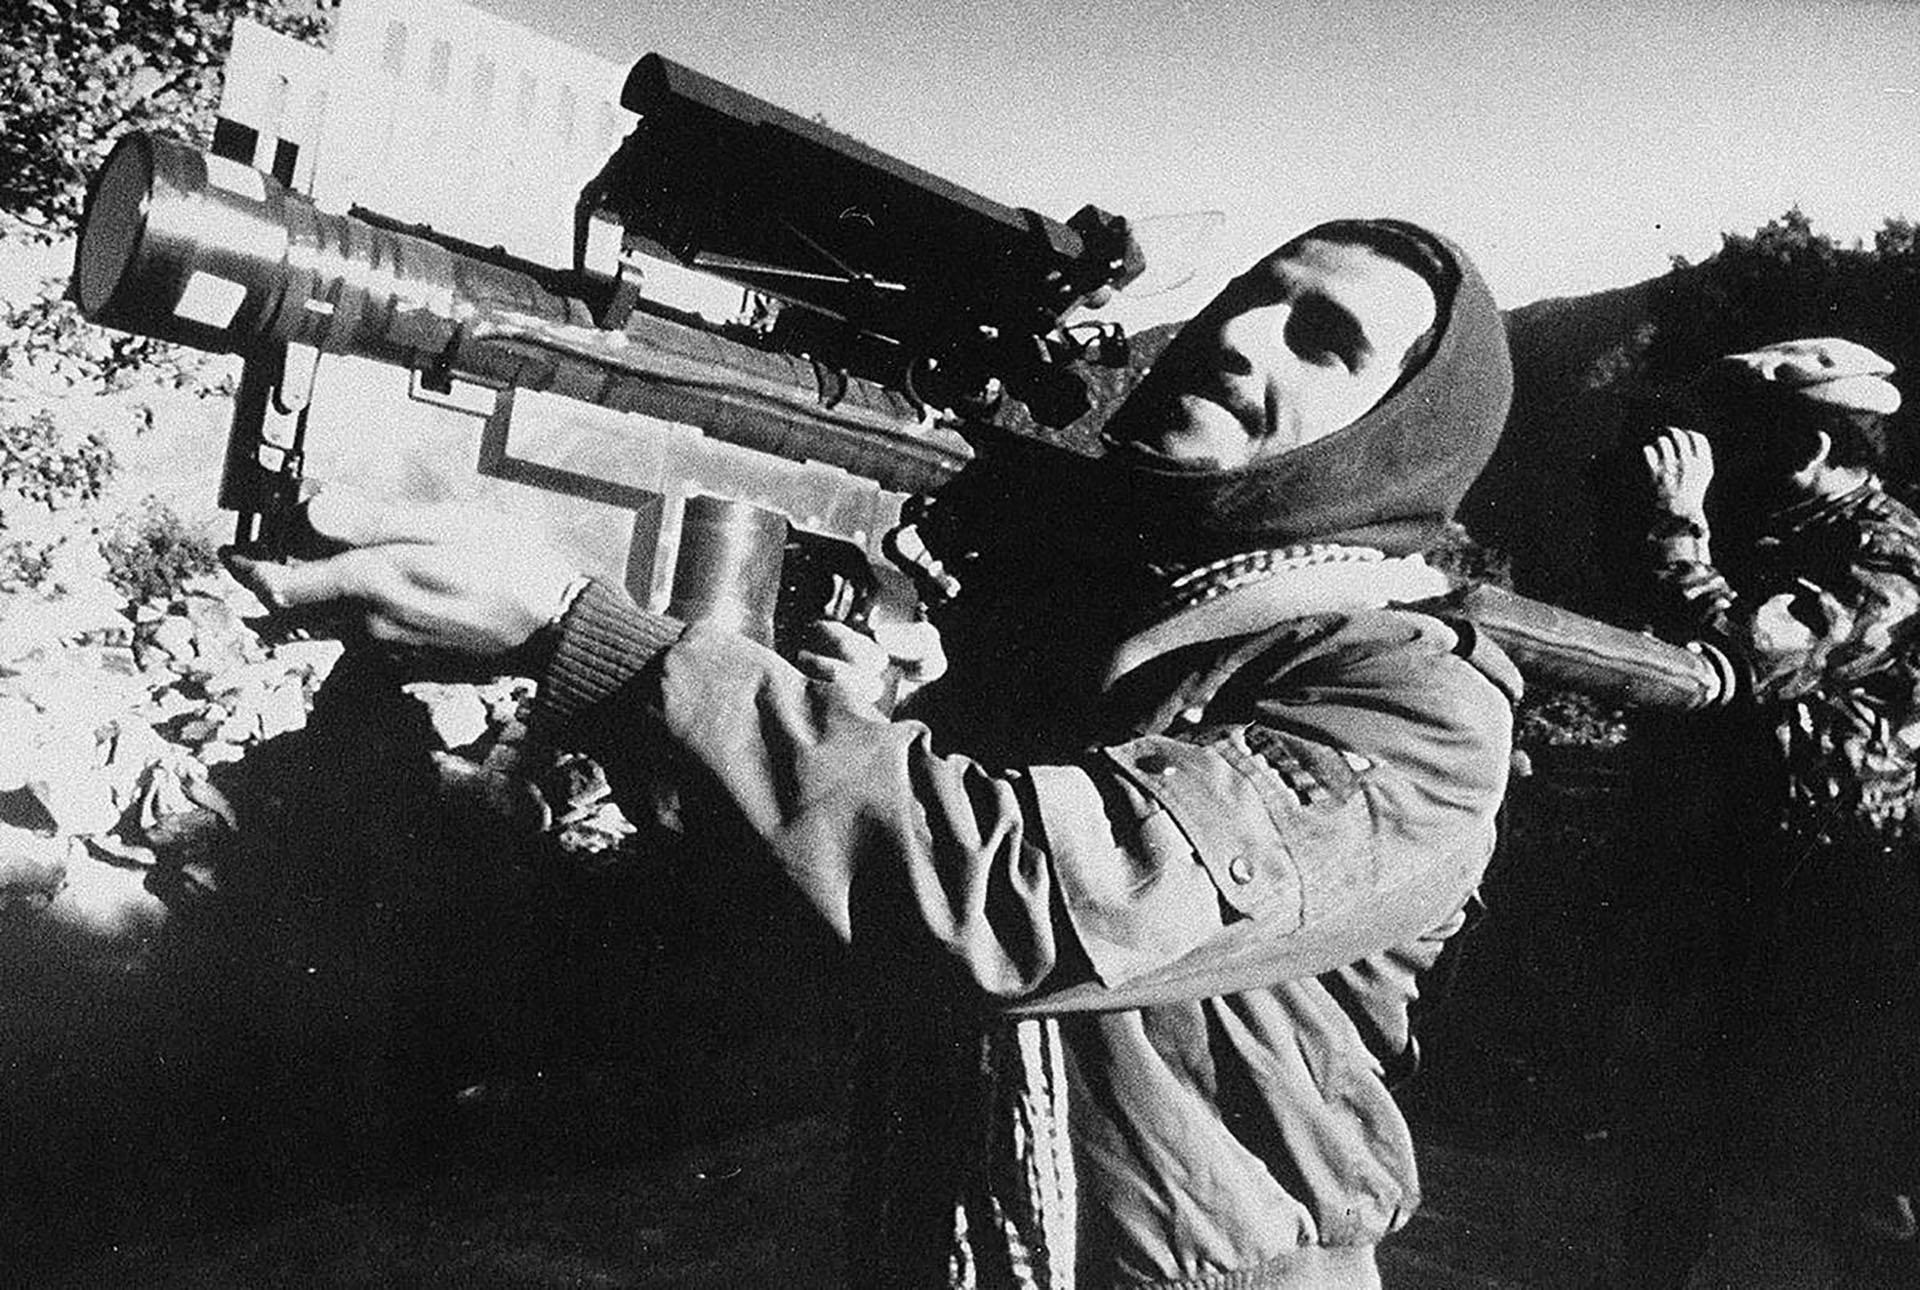 Un ícono de la guerra: el misil antiaéreo guiado por calor Stinger que los servicios de inteligencia de Estados Unidos proveyeron a los muyahidines. Esta arma les permitió derribar numerosas aeronaves militares soviéticas, especialmente helicópteros